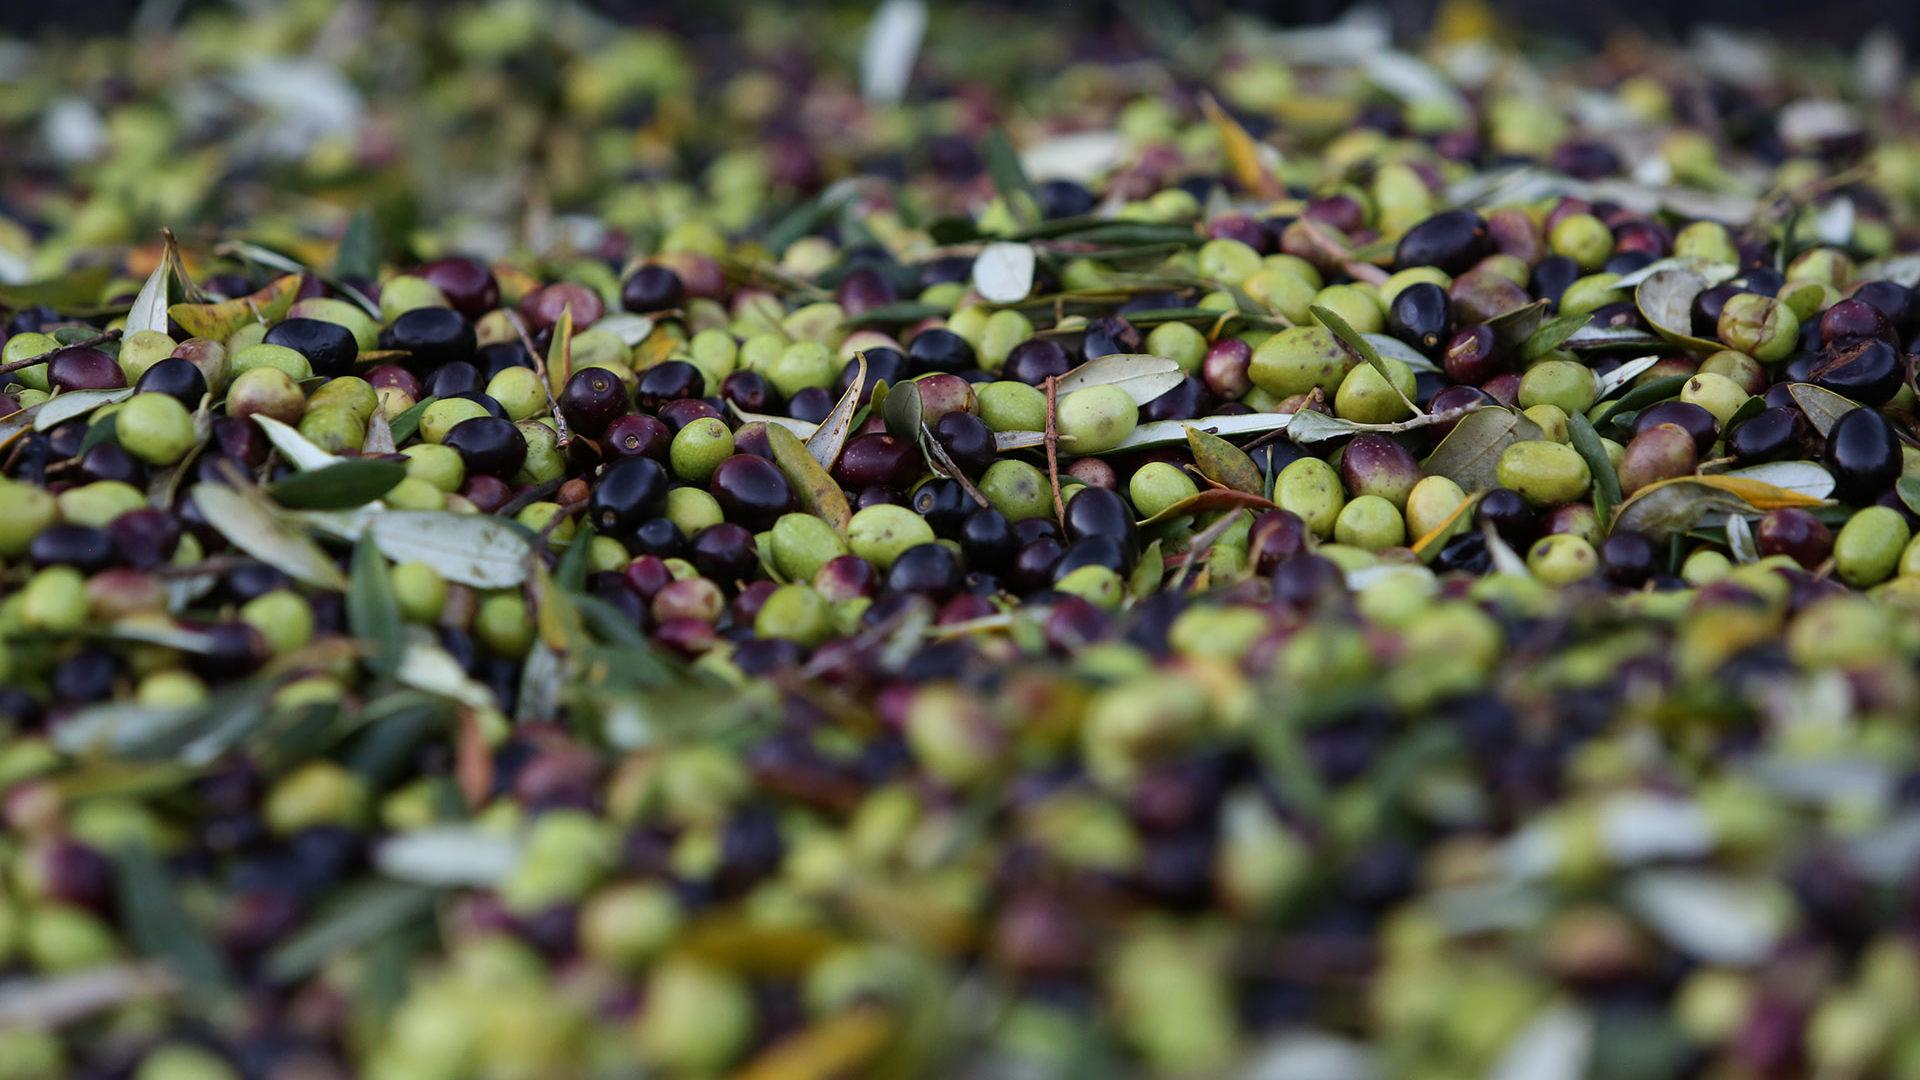 olivery olives